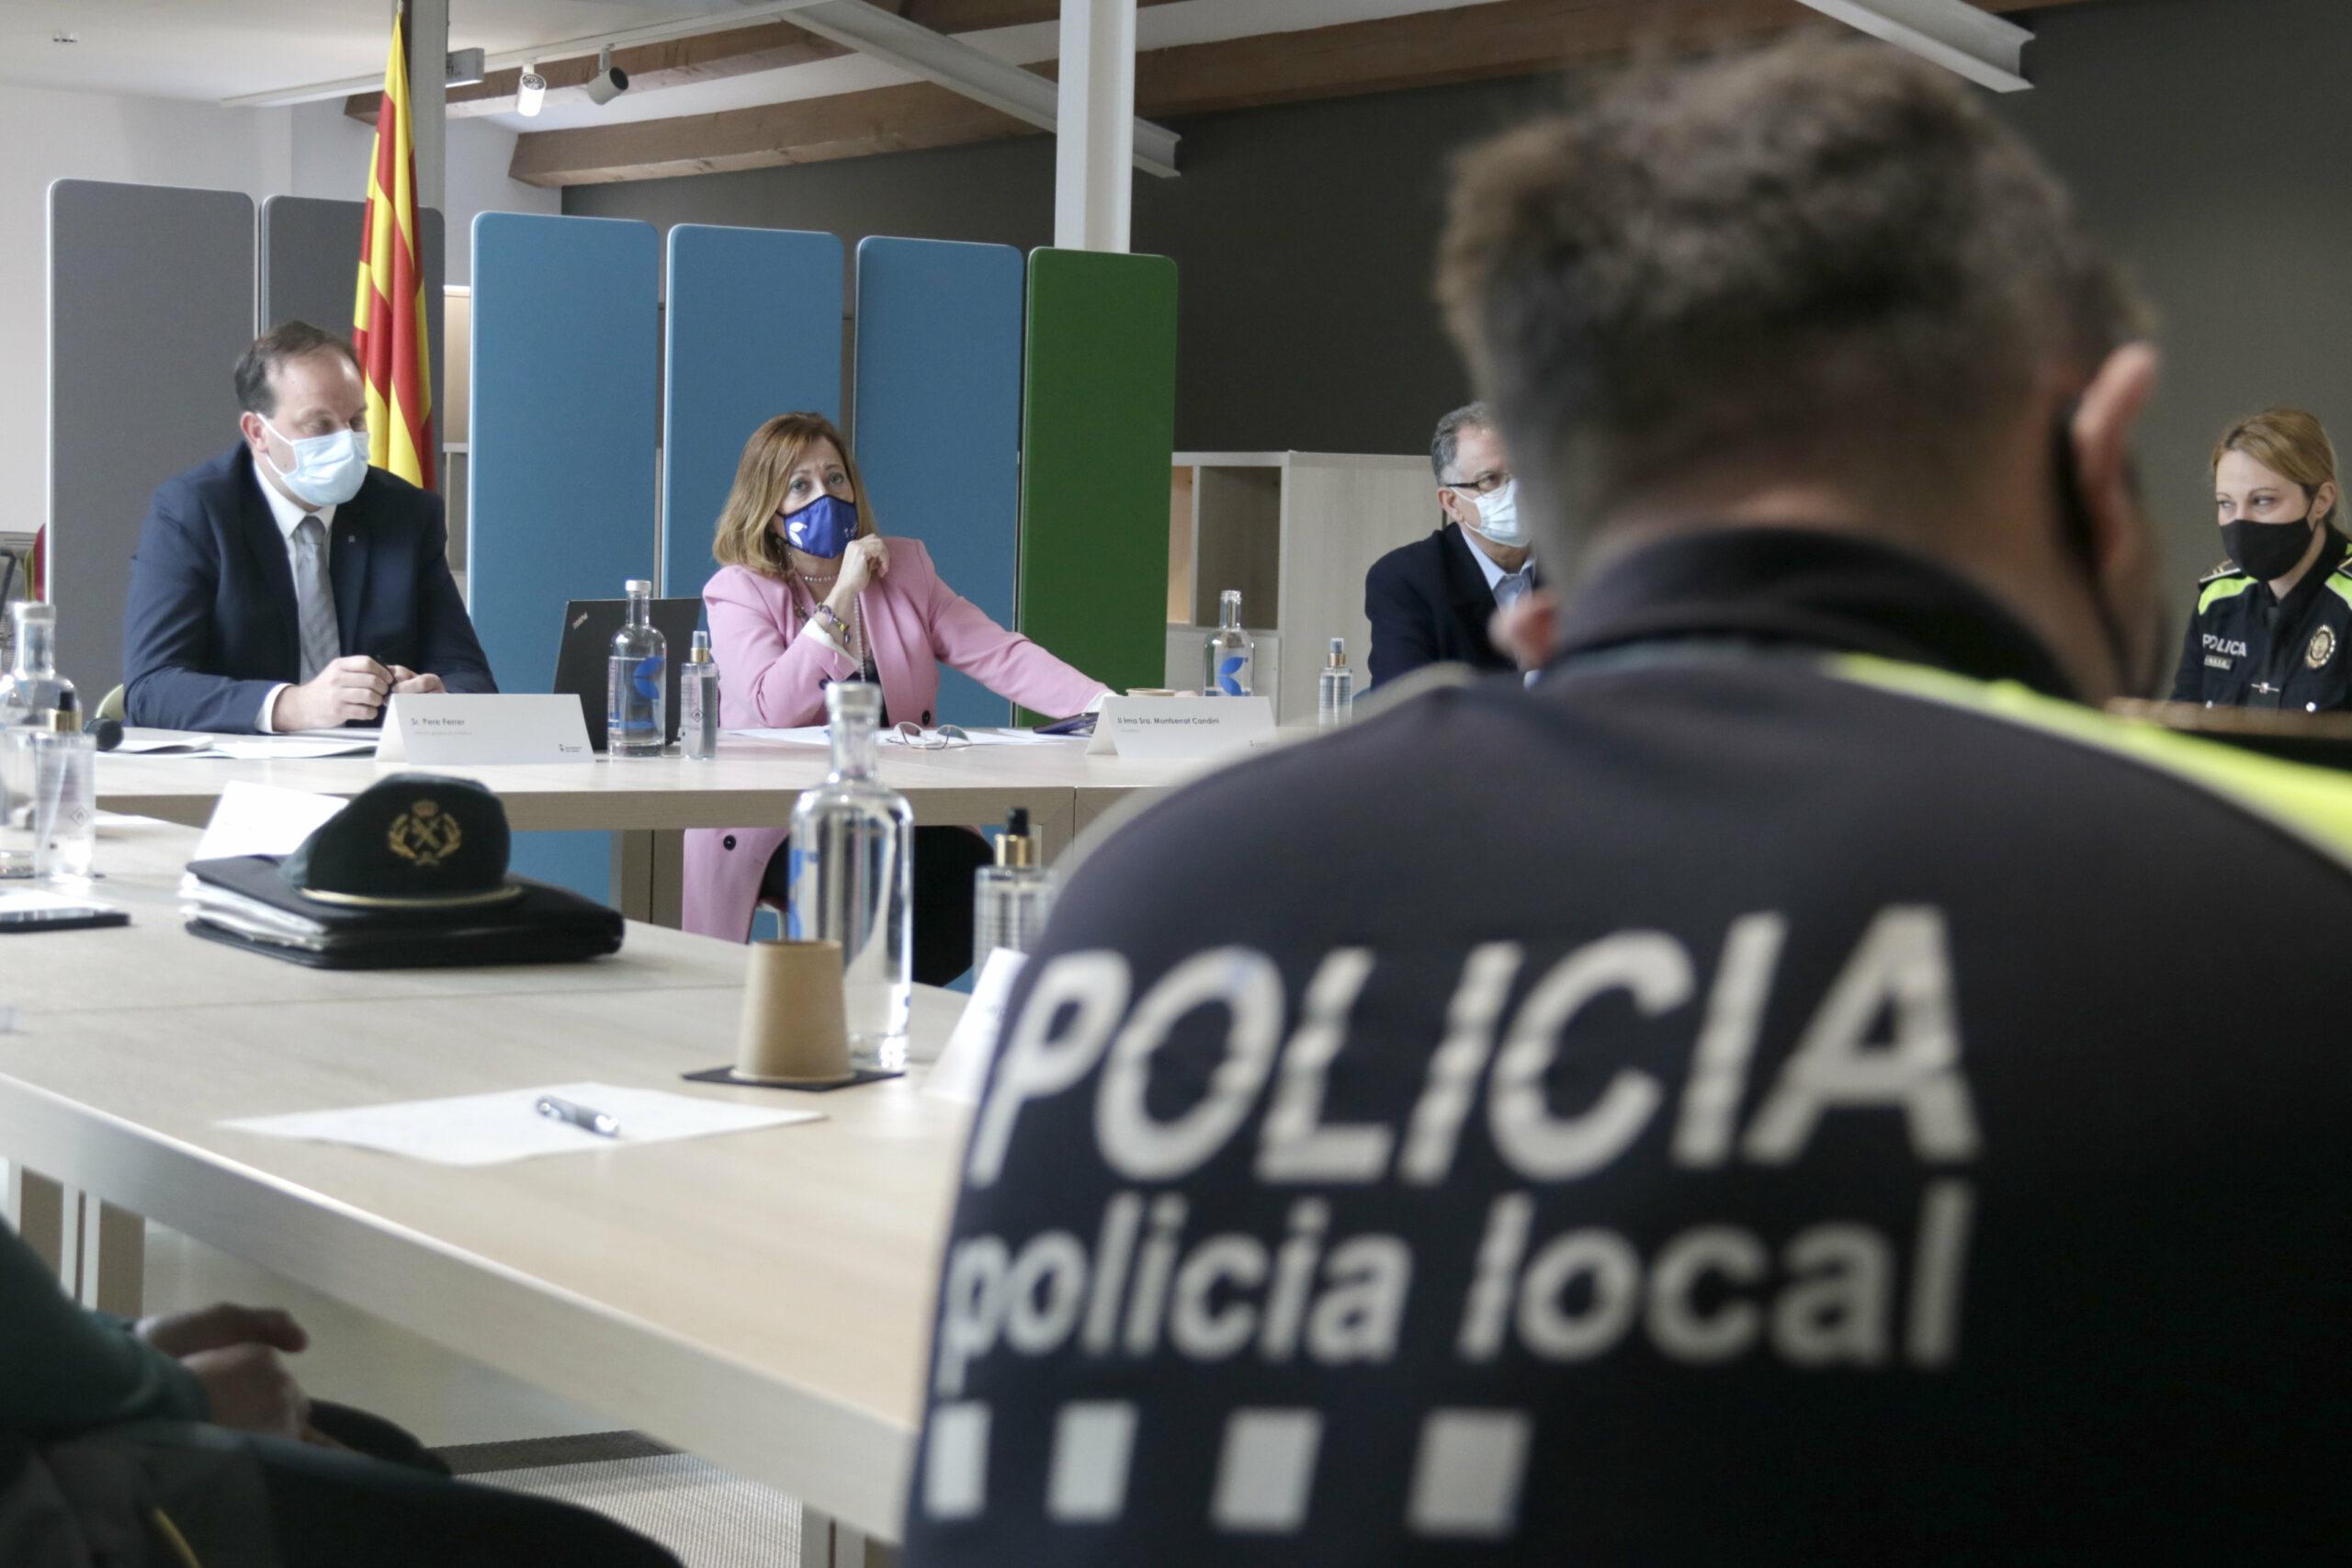 El director general dels Mossos, Pere Ferrer, i l'alcaldessa de Calella, Montserrat Candini, durant la reunió de la Junta Local de Seguretat, el 27 d'abril de 2021 / ACN